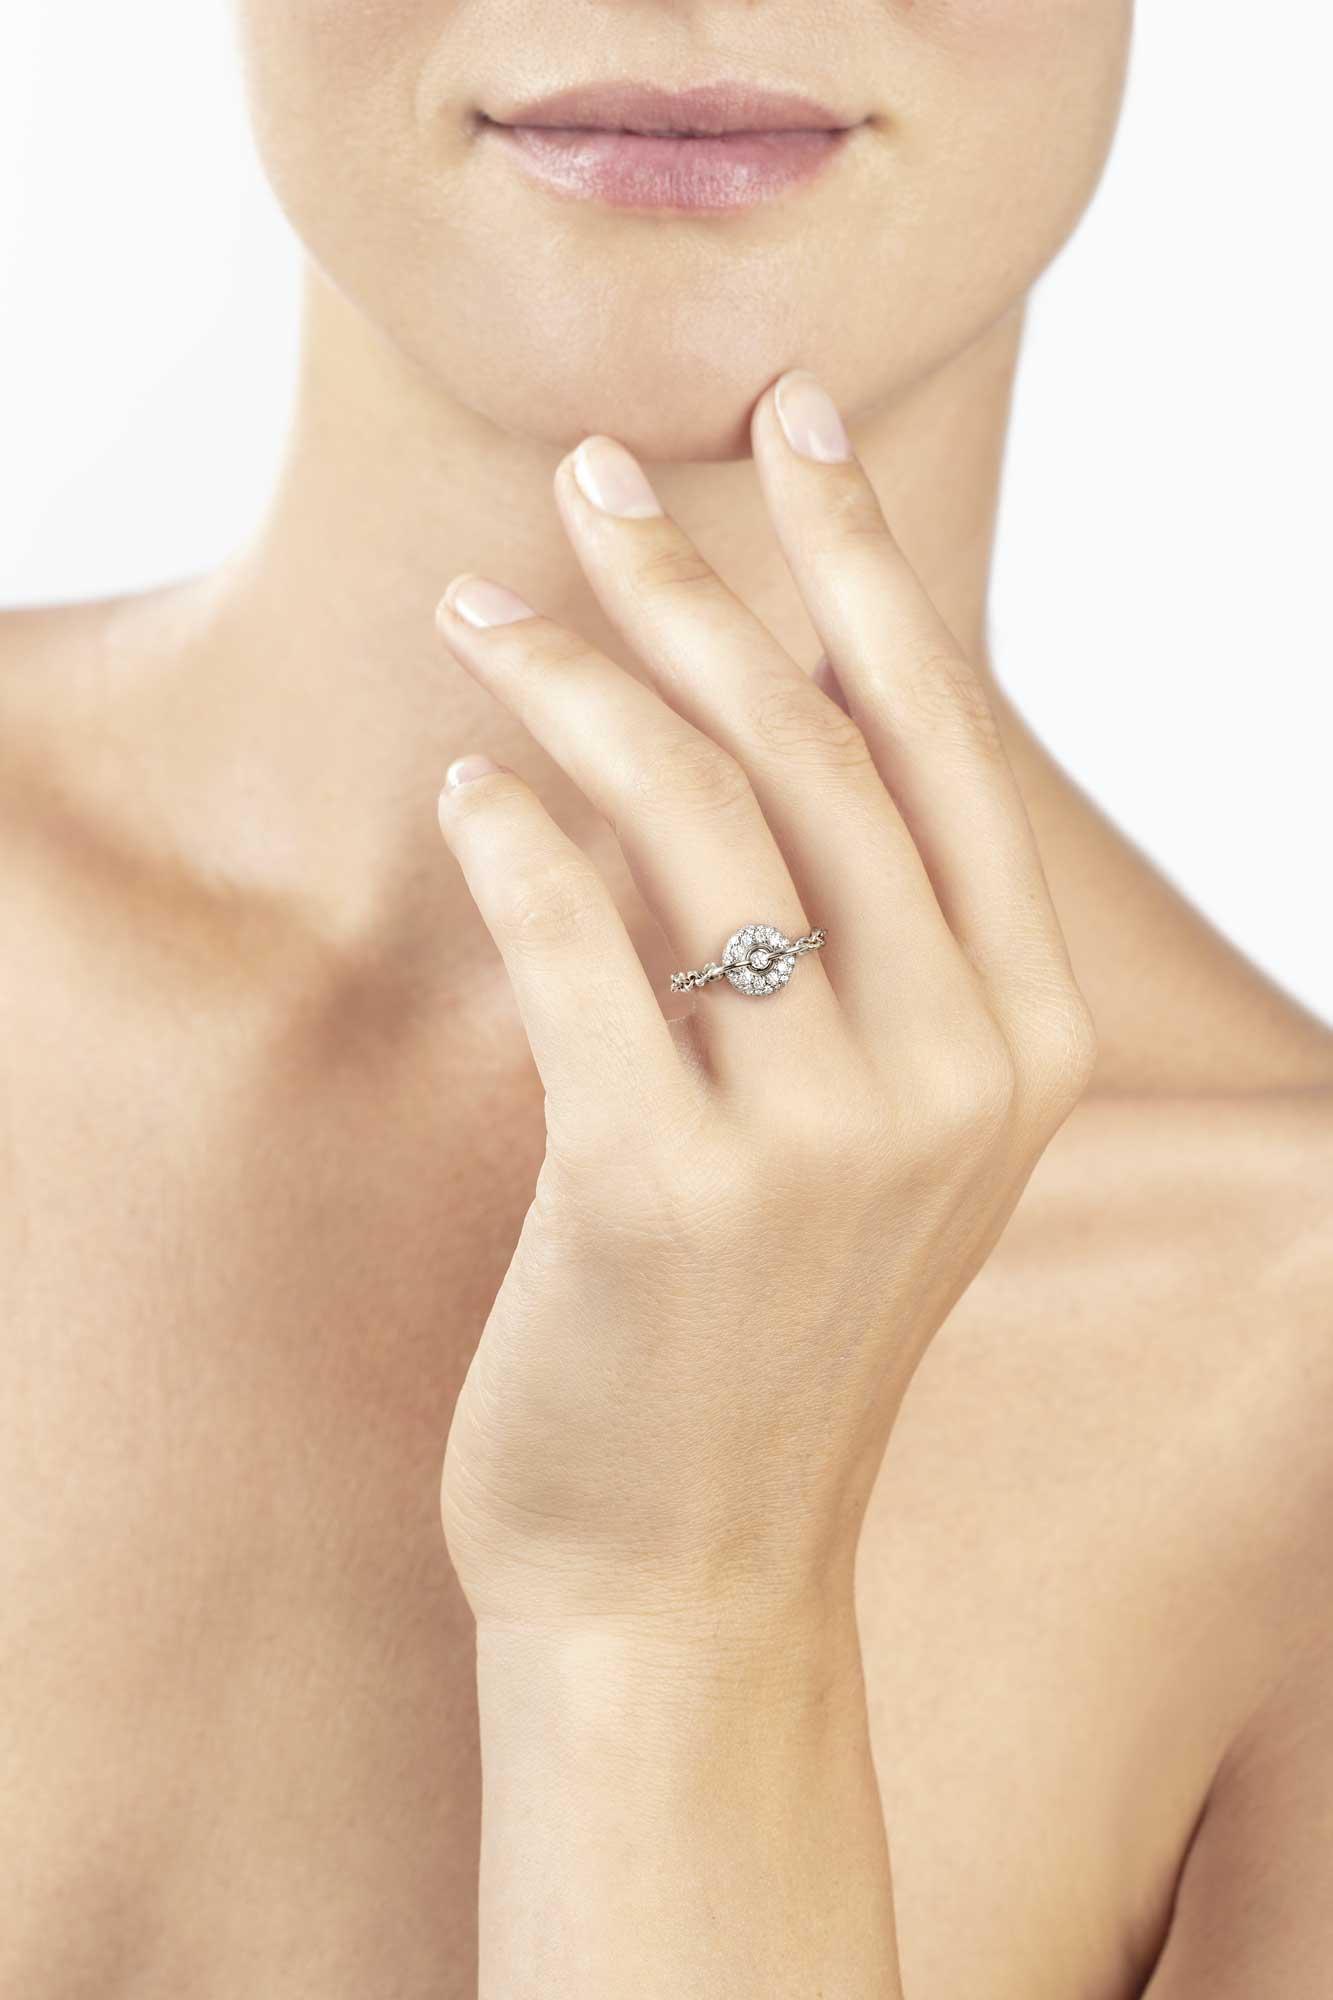 Anello a catenina in oro bianco e diamanti - gioielleria Canaglia Paris-Milan